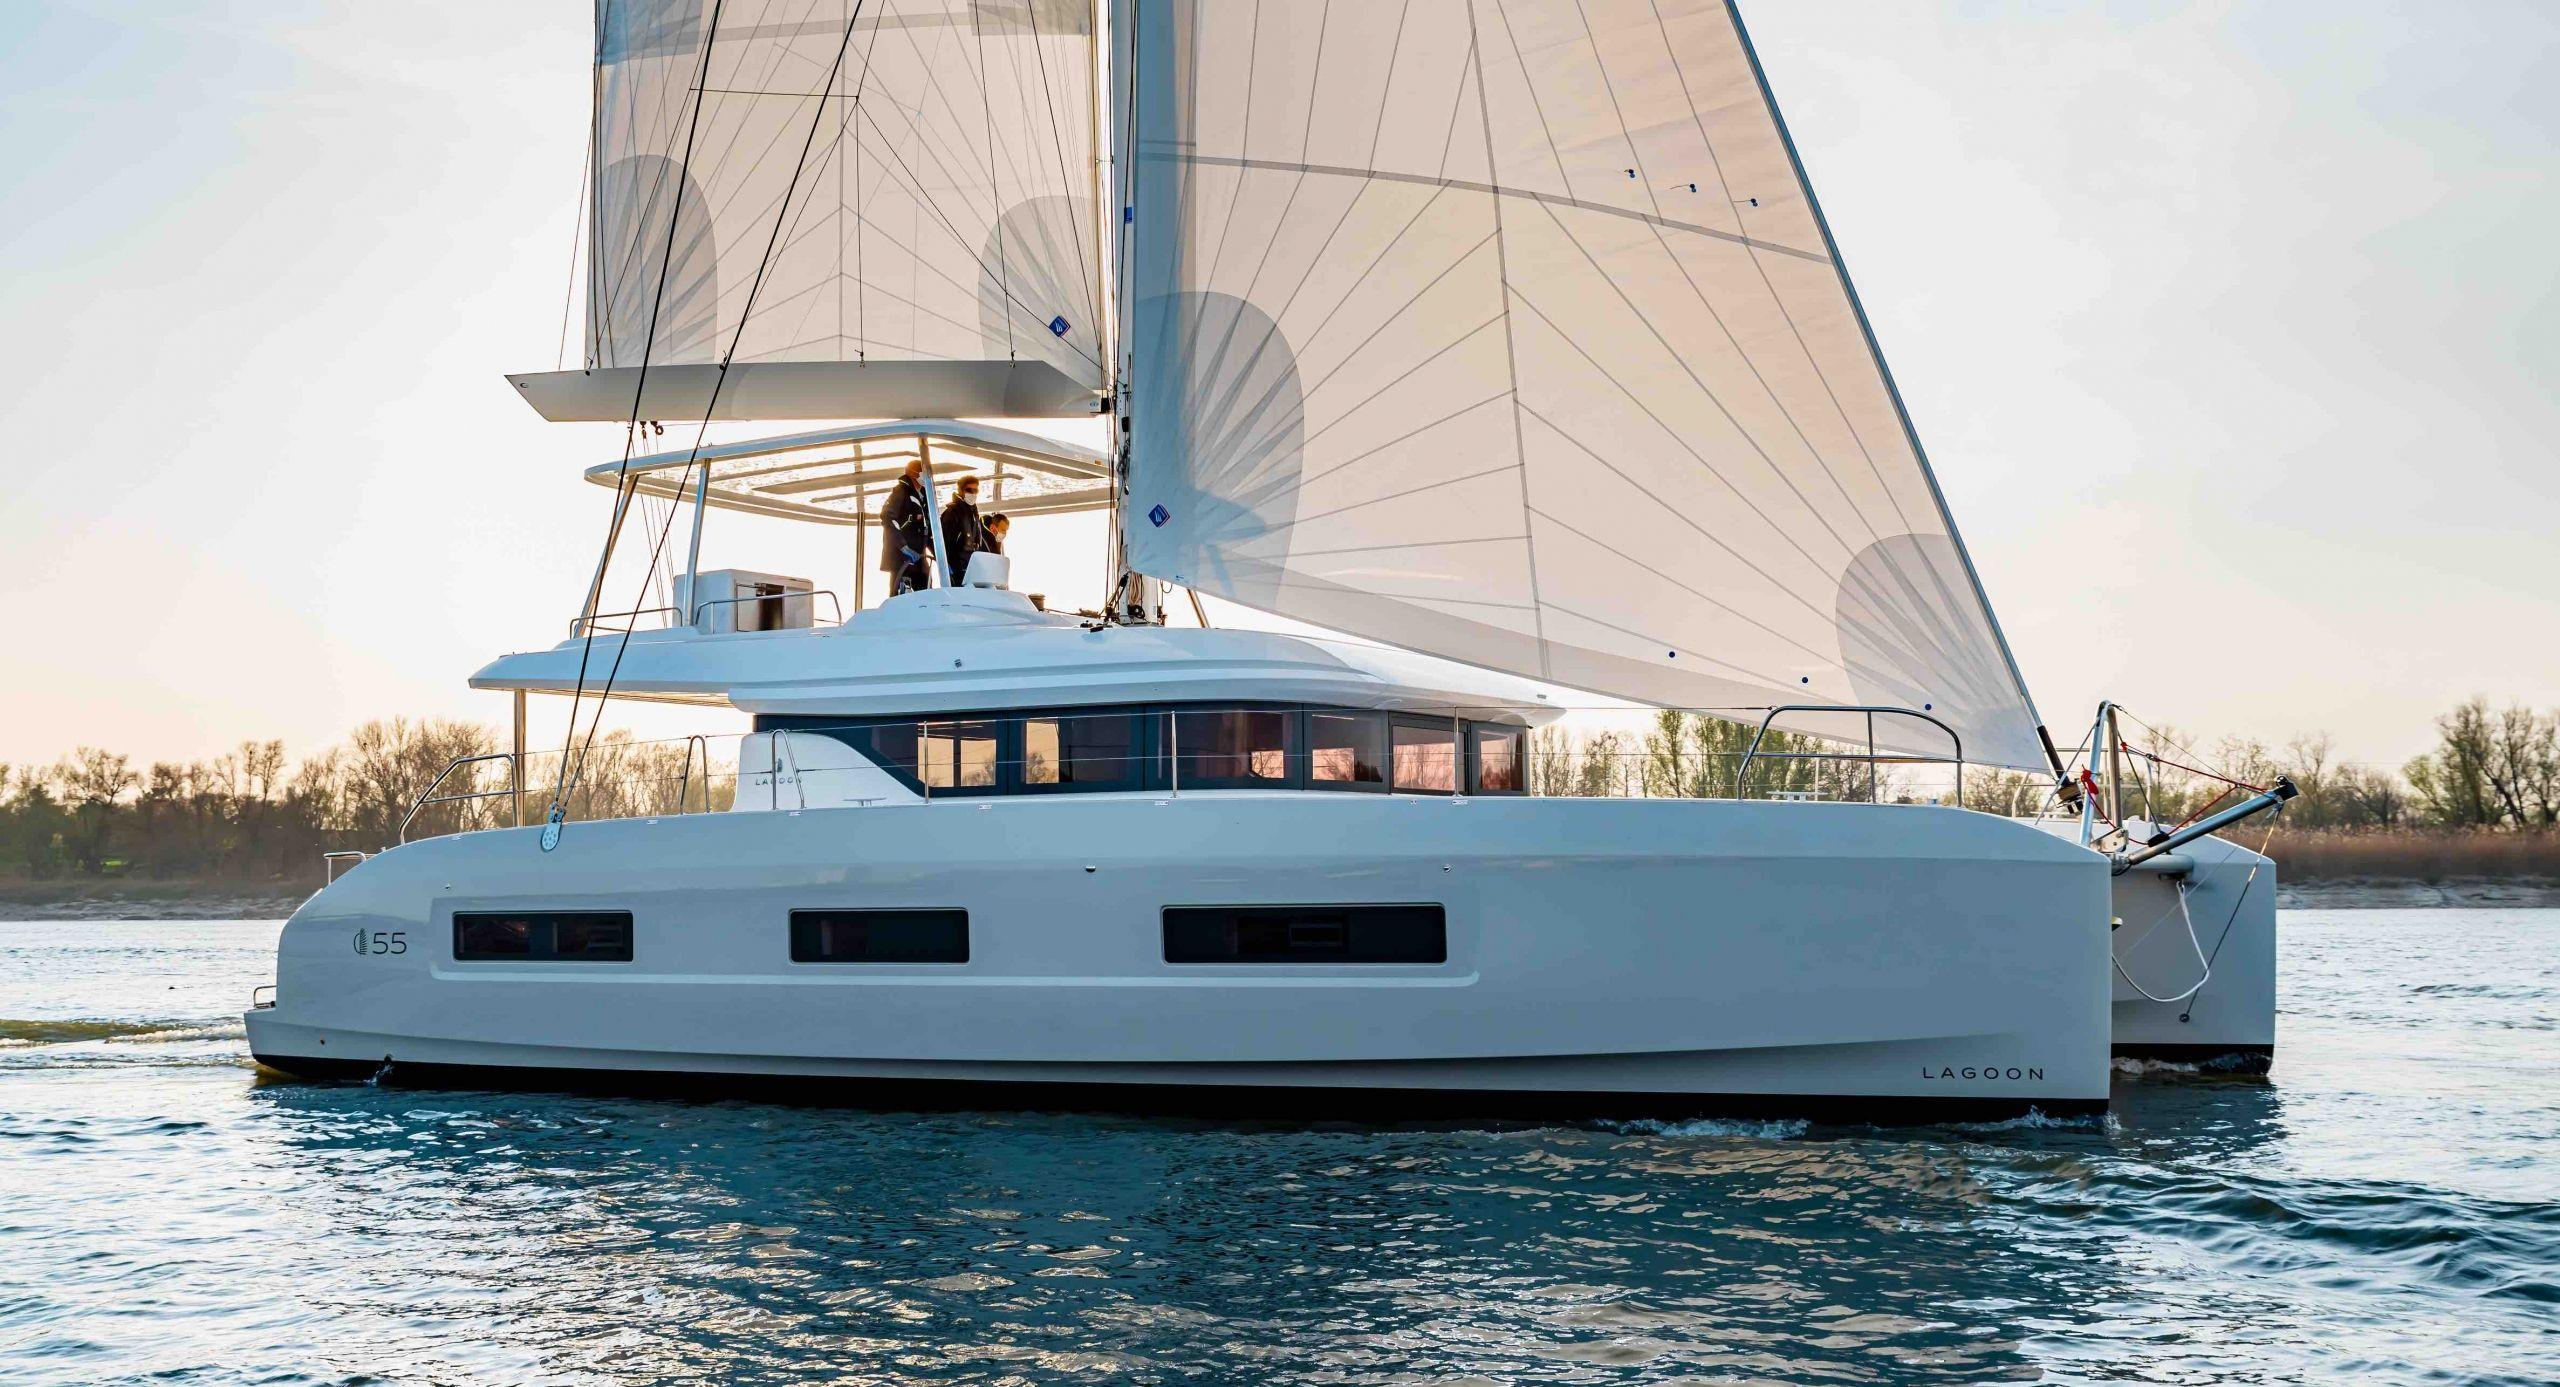 Lagoon catamaran - Lagoon 55 -Venta de catamaran